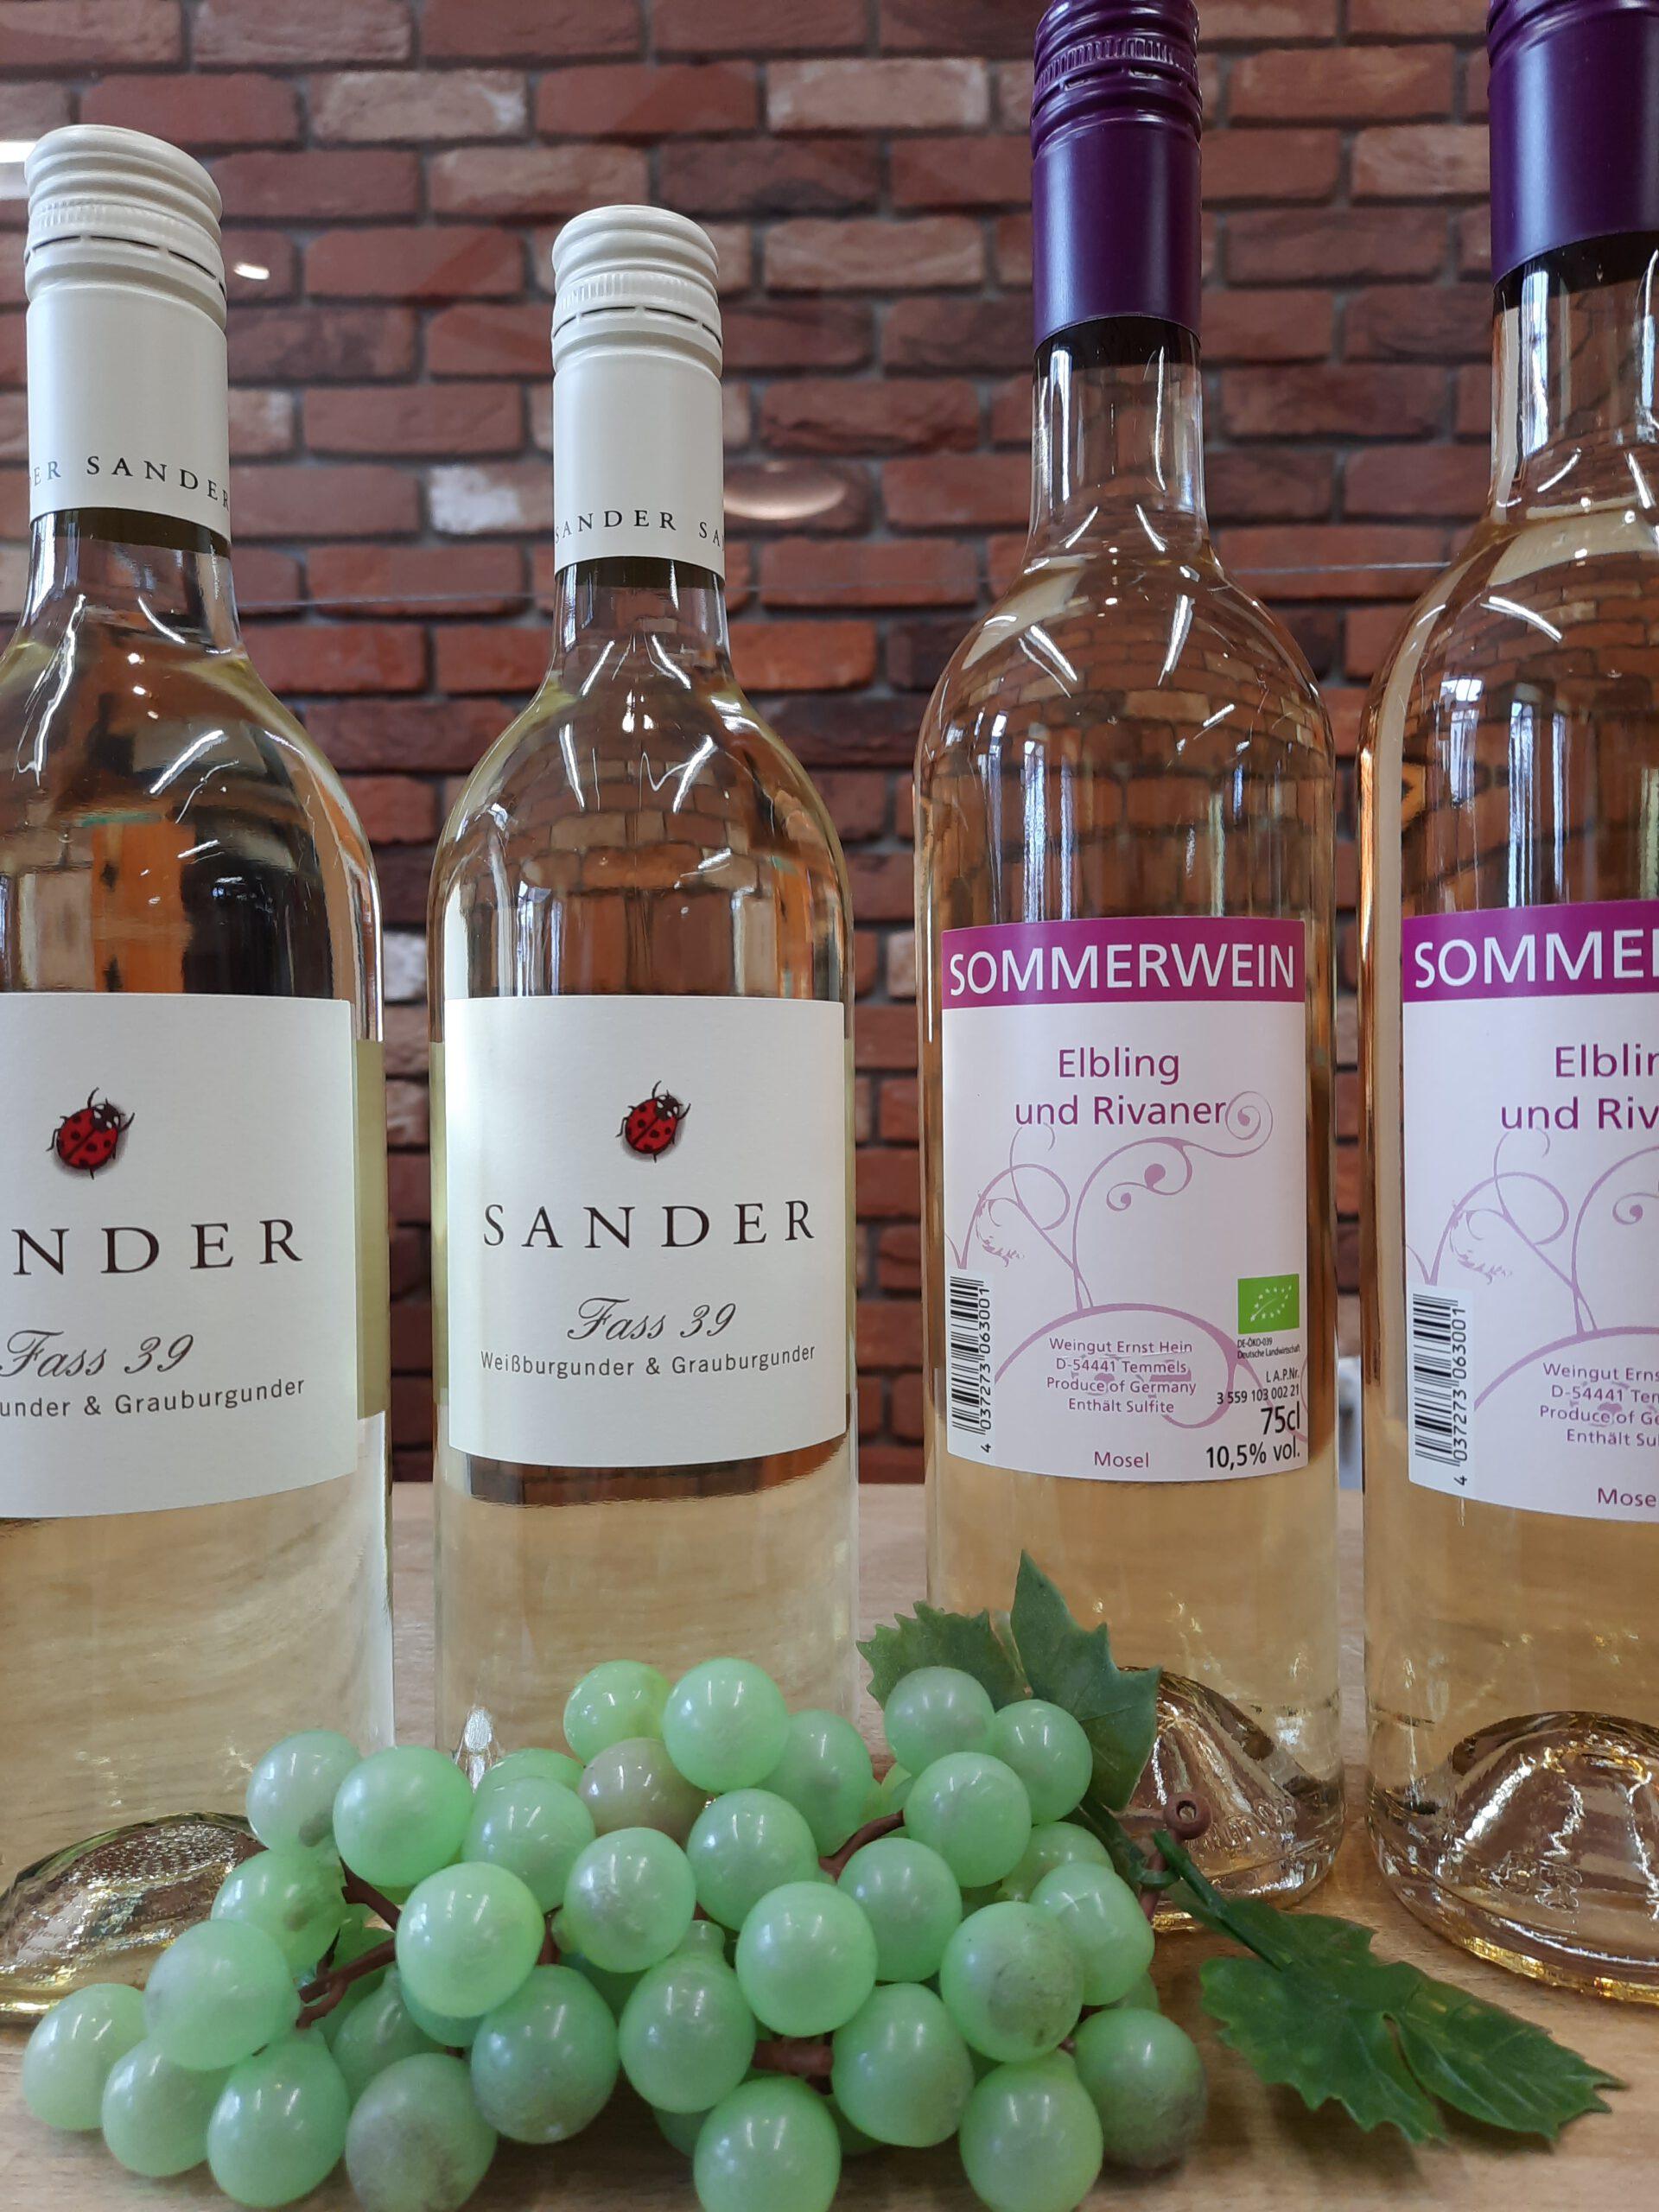 Eine perfekte Kombination: Fass 39 vom Bio-Weingut Sanders und der Bio-Sommerwein aus dem Weinhaus Ernst Hein!